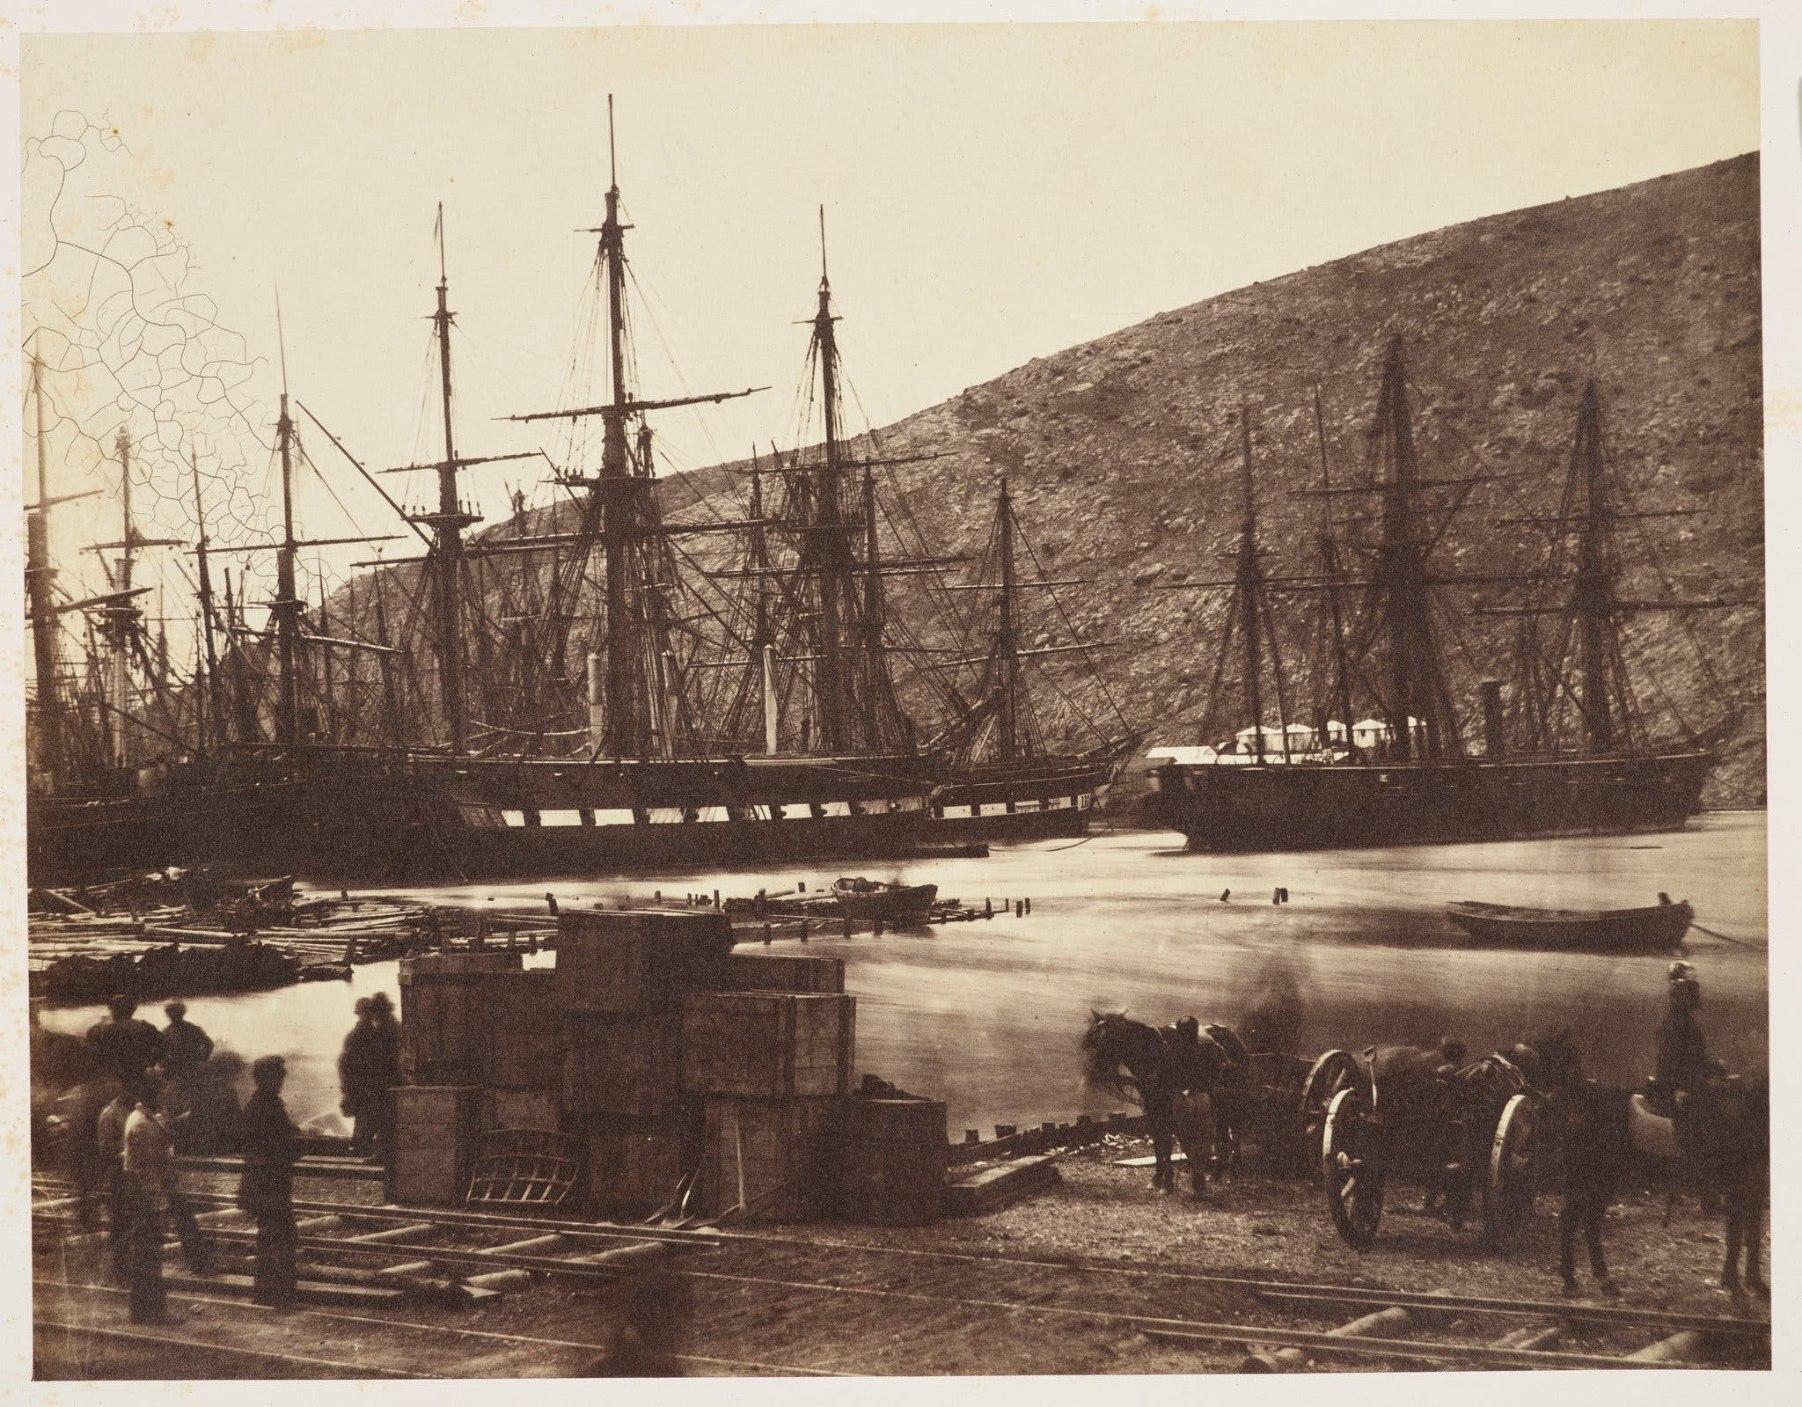 British ships in the bay of Balaklava